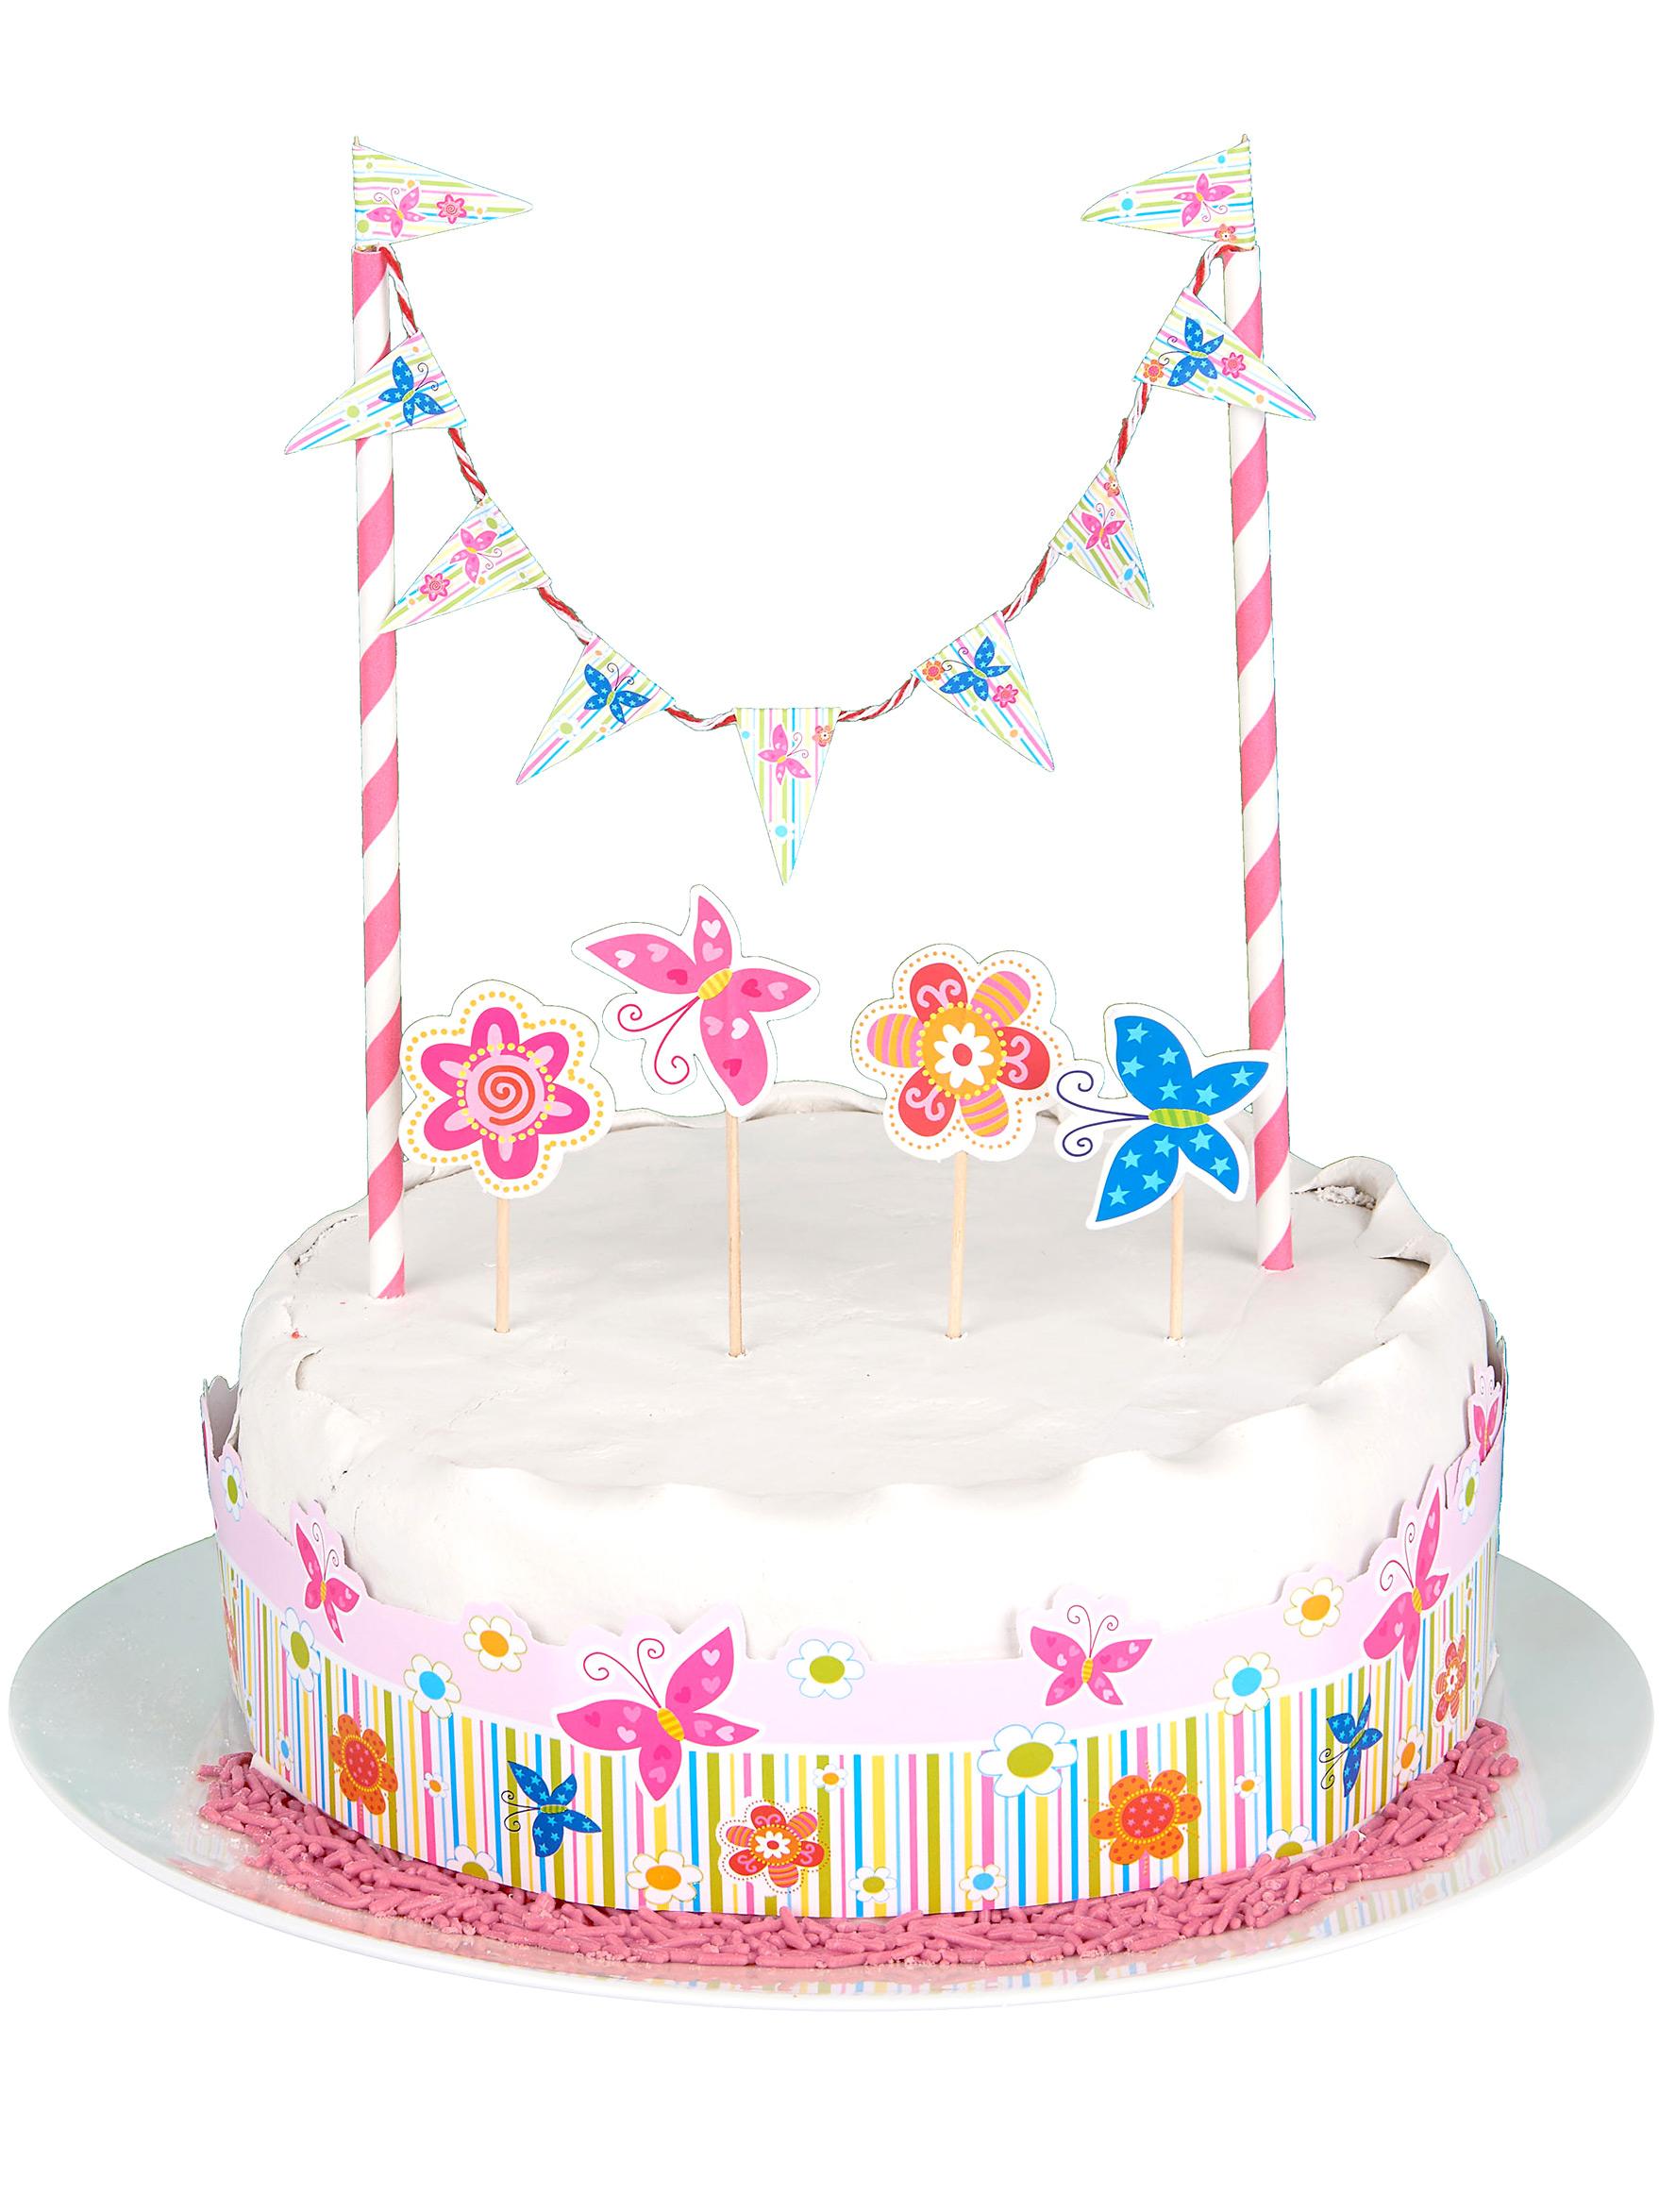 D coration pour g teau fille d coration anniversaire et f tes th me sur vegaoo party - Decor gateau anniversaire fille ...